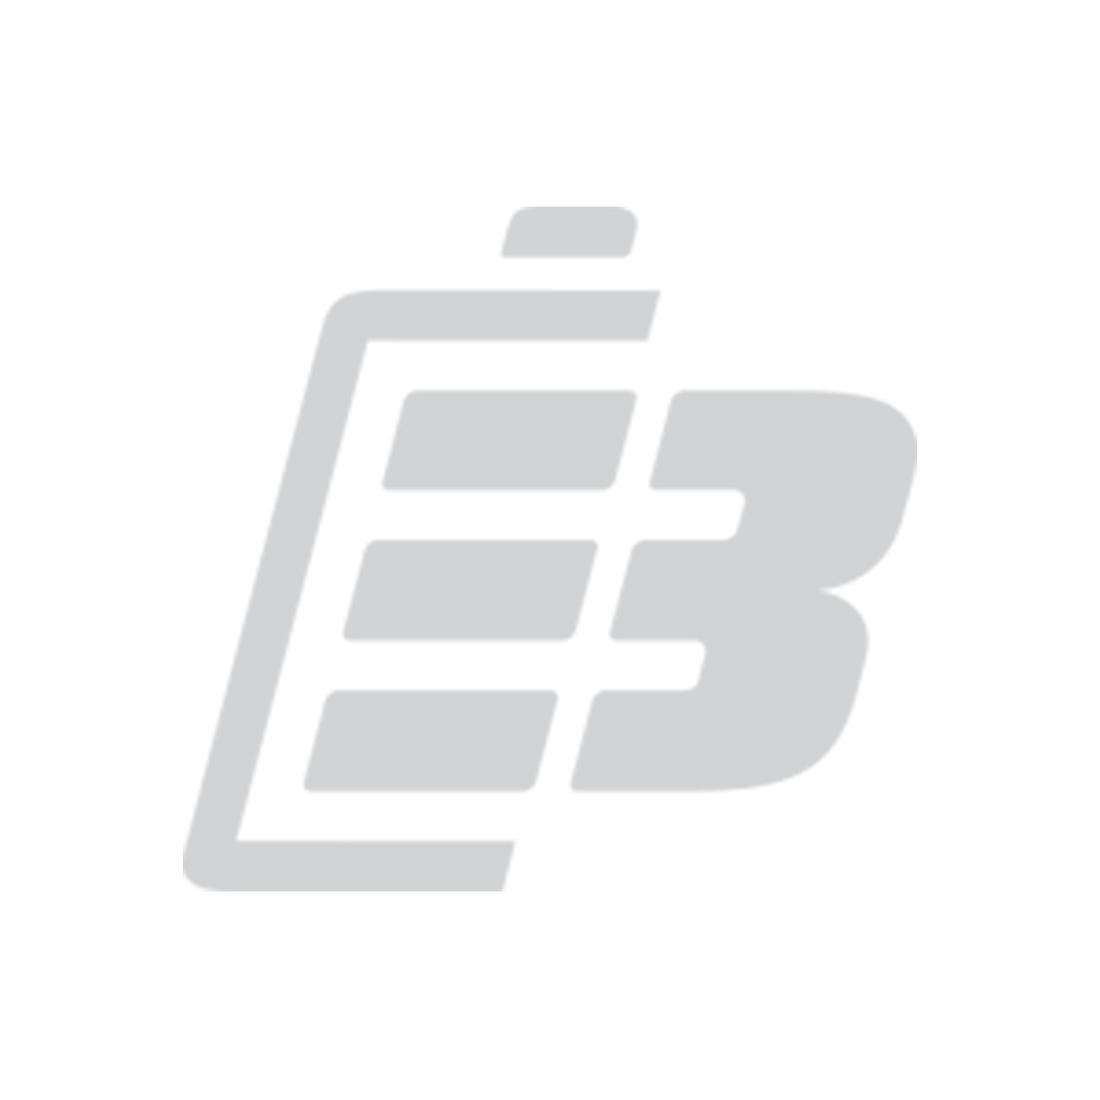 Μπαταρία smartphone Motorola Flipout MB51_1